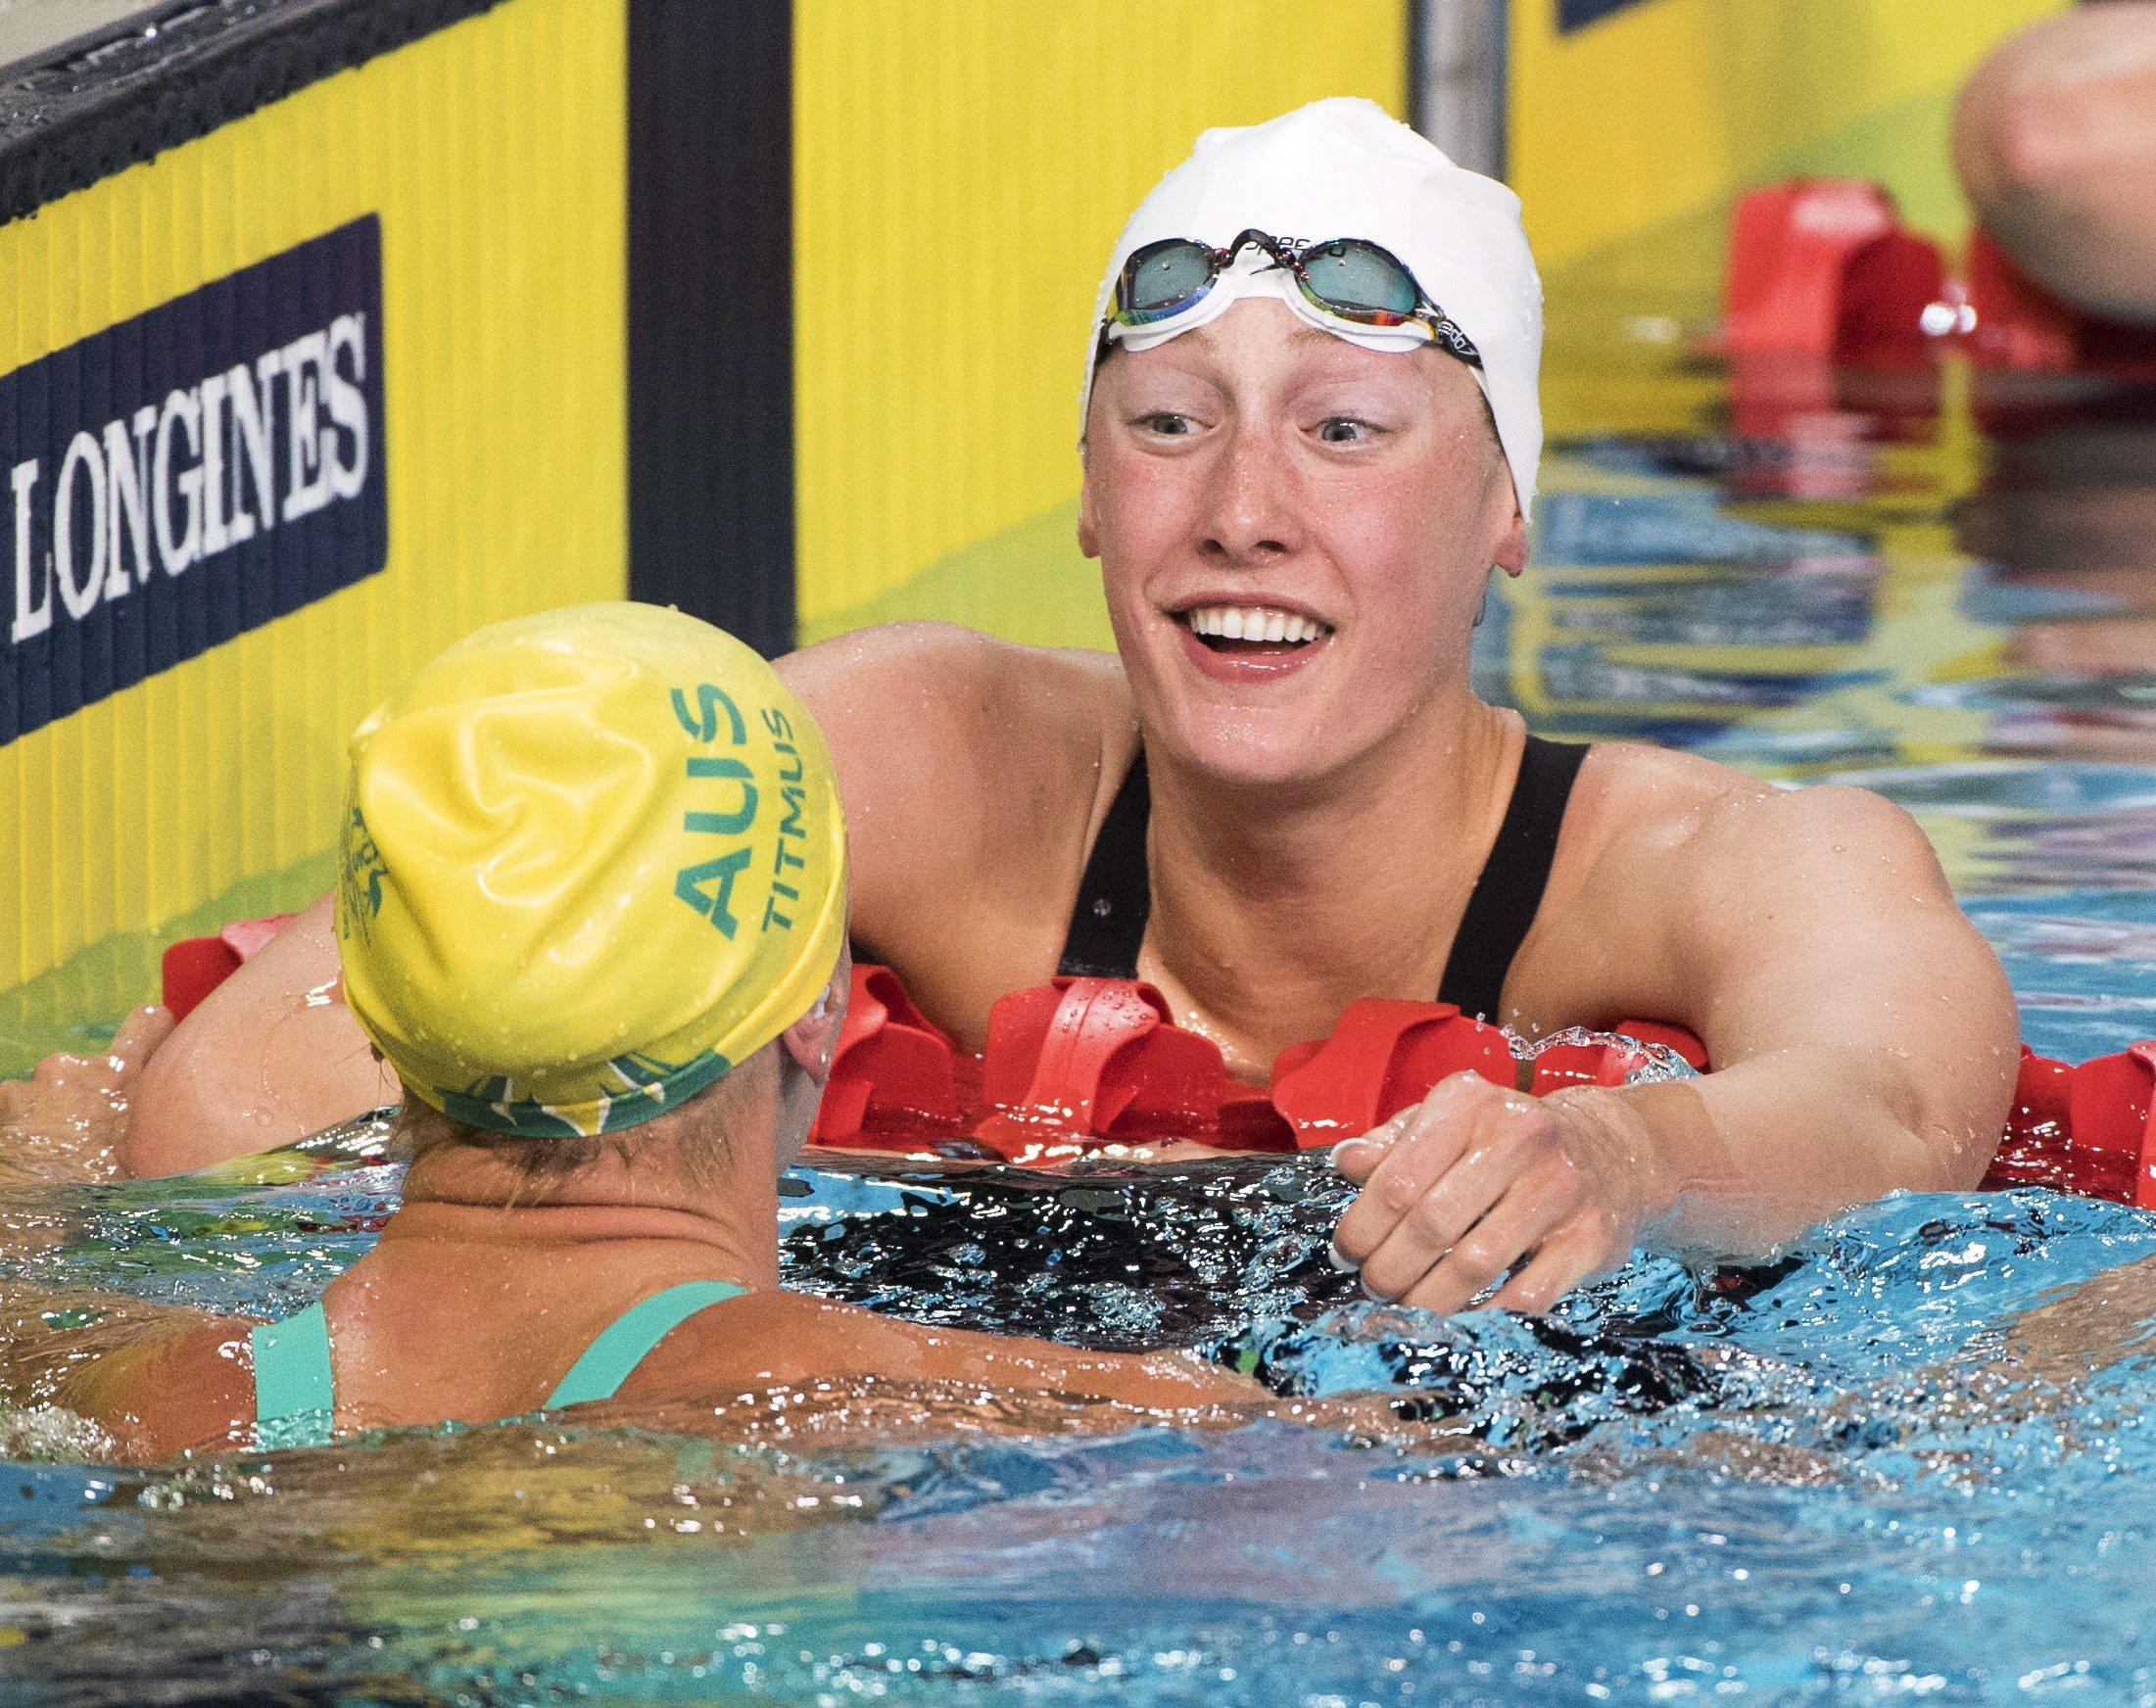 Taylor Ruck, droite, après avoir remporté la médaille d'or au 200 m style libre féminin des Jeux du Commonwealth à Gold Coast, en Australie, le 5 avril 2018,